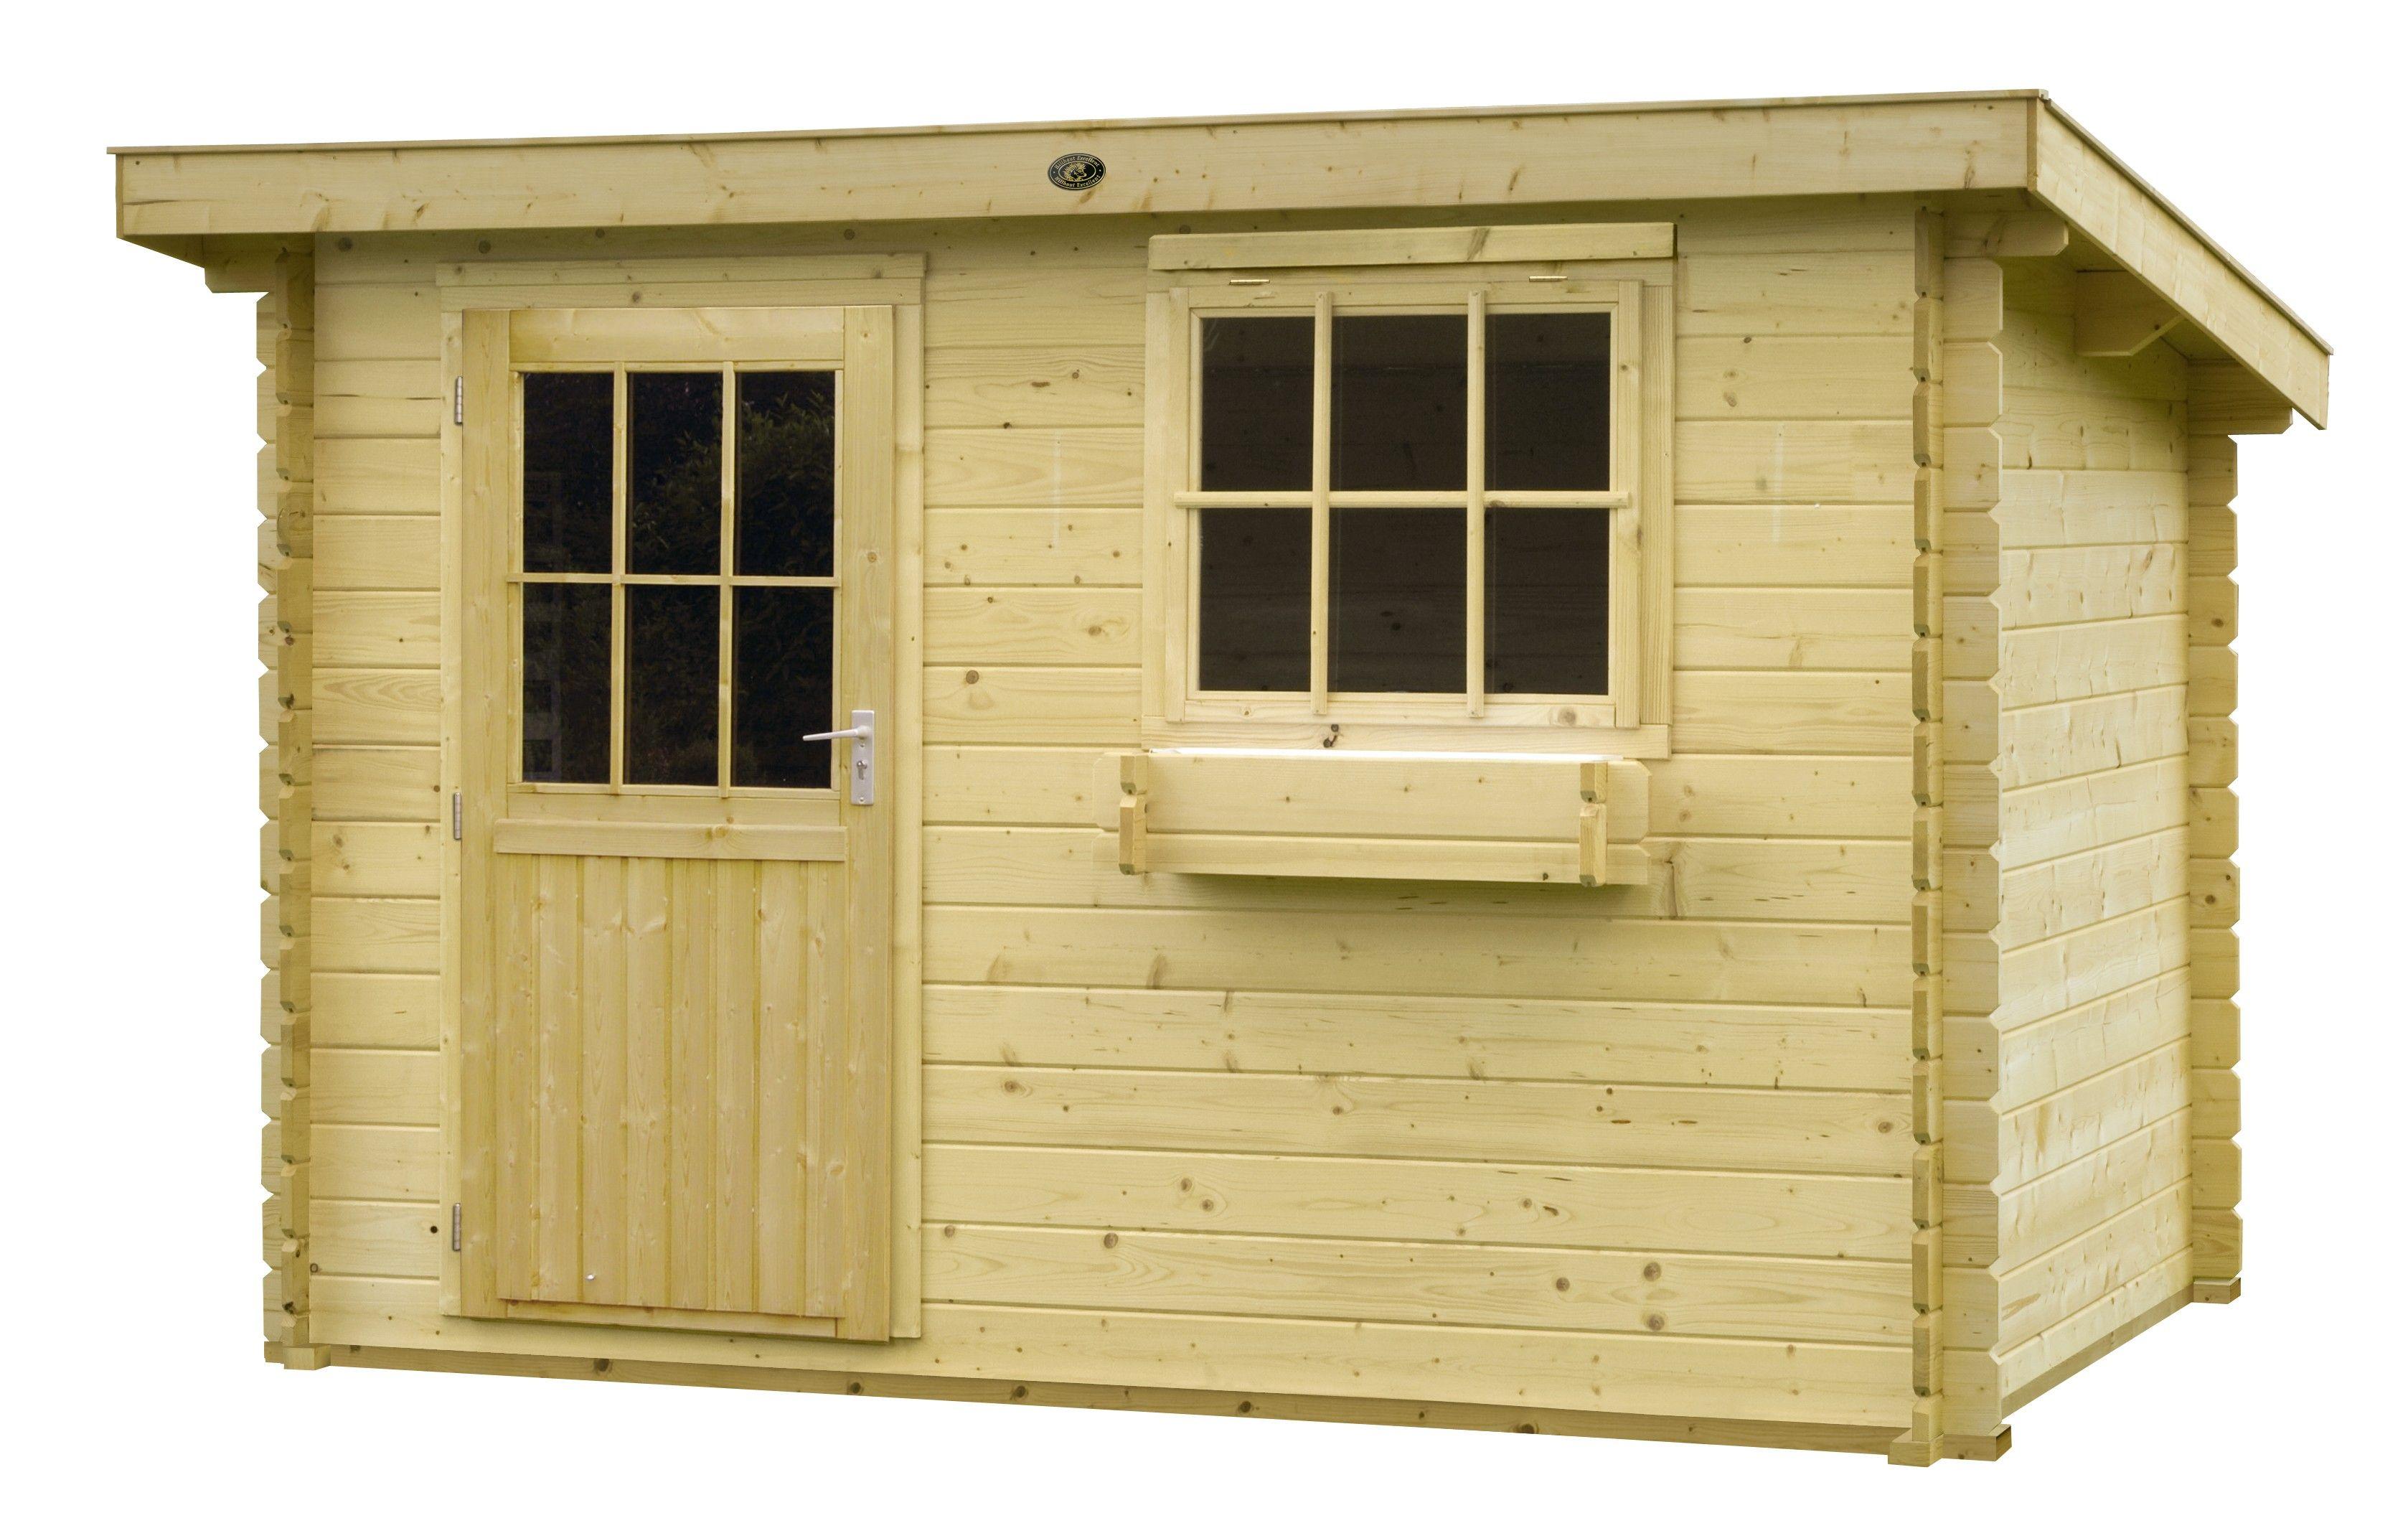 Hillhout tuinhuis Ijsland 300x200cm.  Dit tuinhuis van Hillhout is een kwalitatief hoogwaardig product en heeft u ook 10 jaar garantie na aankoop!  Deze wordt door Mholf gratis geimpregneerd en thuis bezorgd.  Kijk op:  http://www.mholf.nl/blokhutten-blokhut-1/hillhout-tuinhuisje-blokhut-ijsland.html